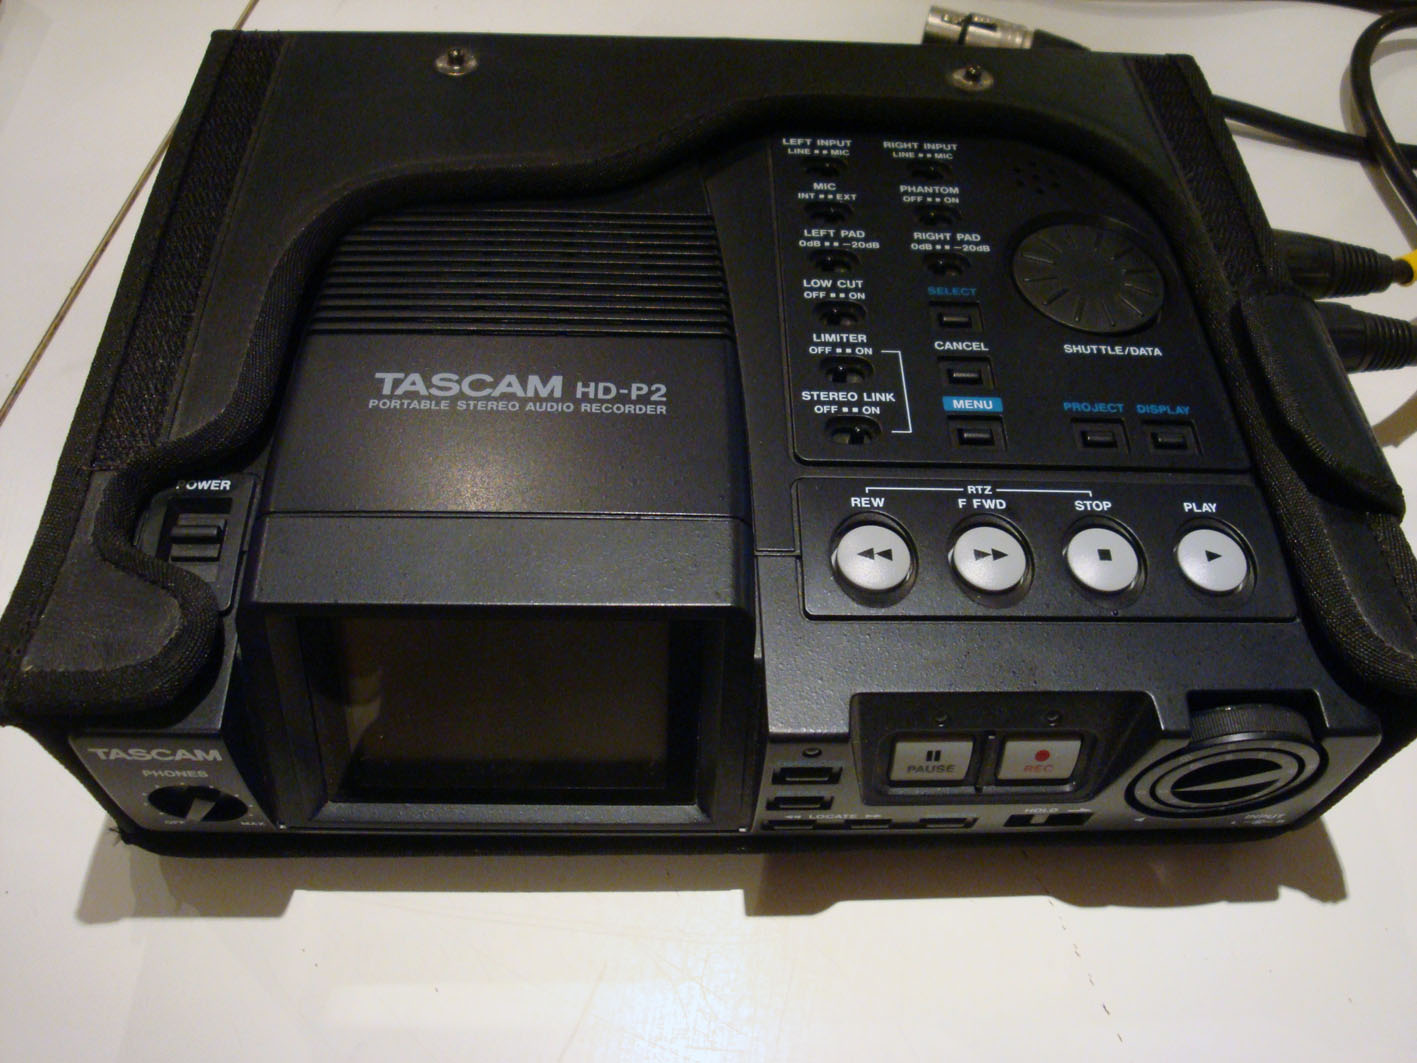 Tascam Hd P2 : tascam hd p2 image 403629 audiofanzine ~ Hamham.info Haus und Dekorationen